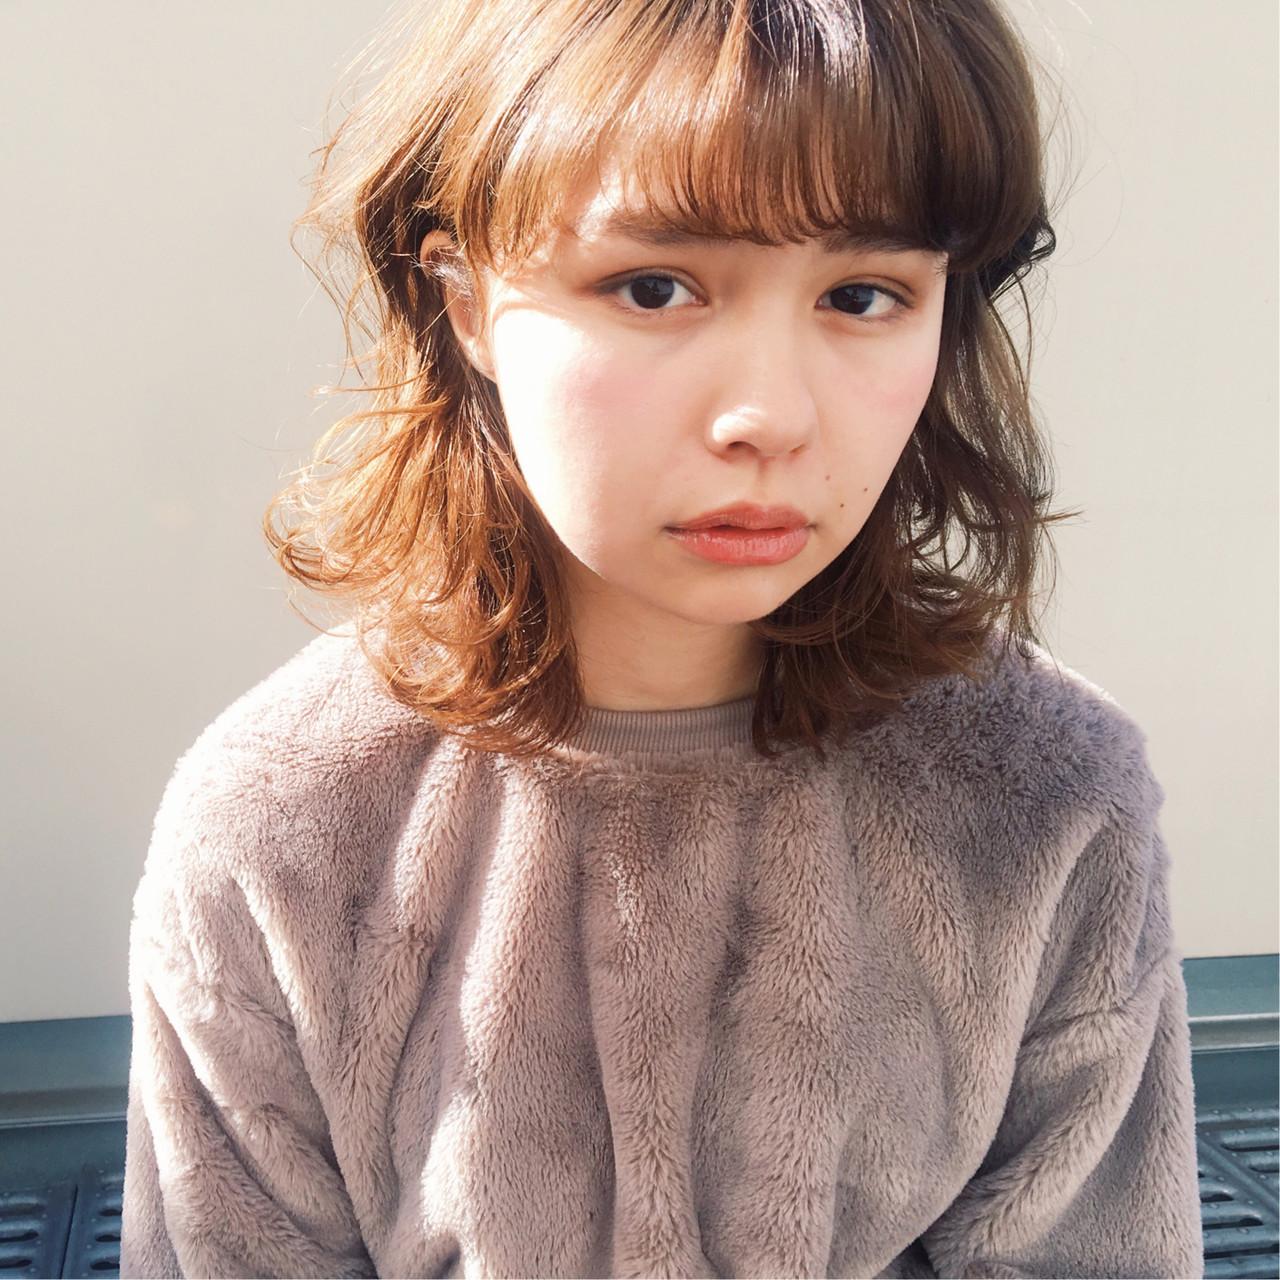 ミディアムヘアー モテボブ 艶髪 ミディアムレイヤー ヘアスタイルや髪型の写真・画像